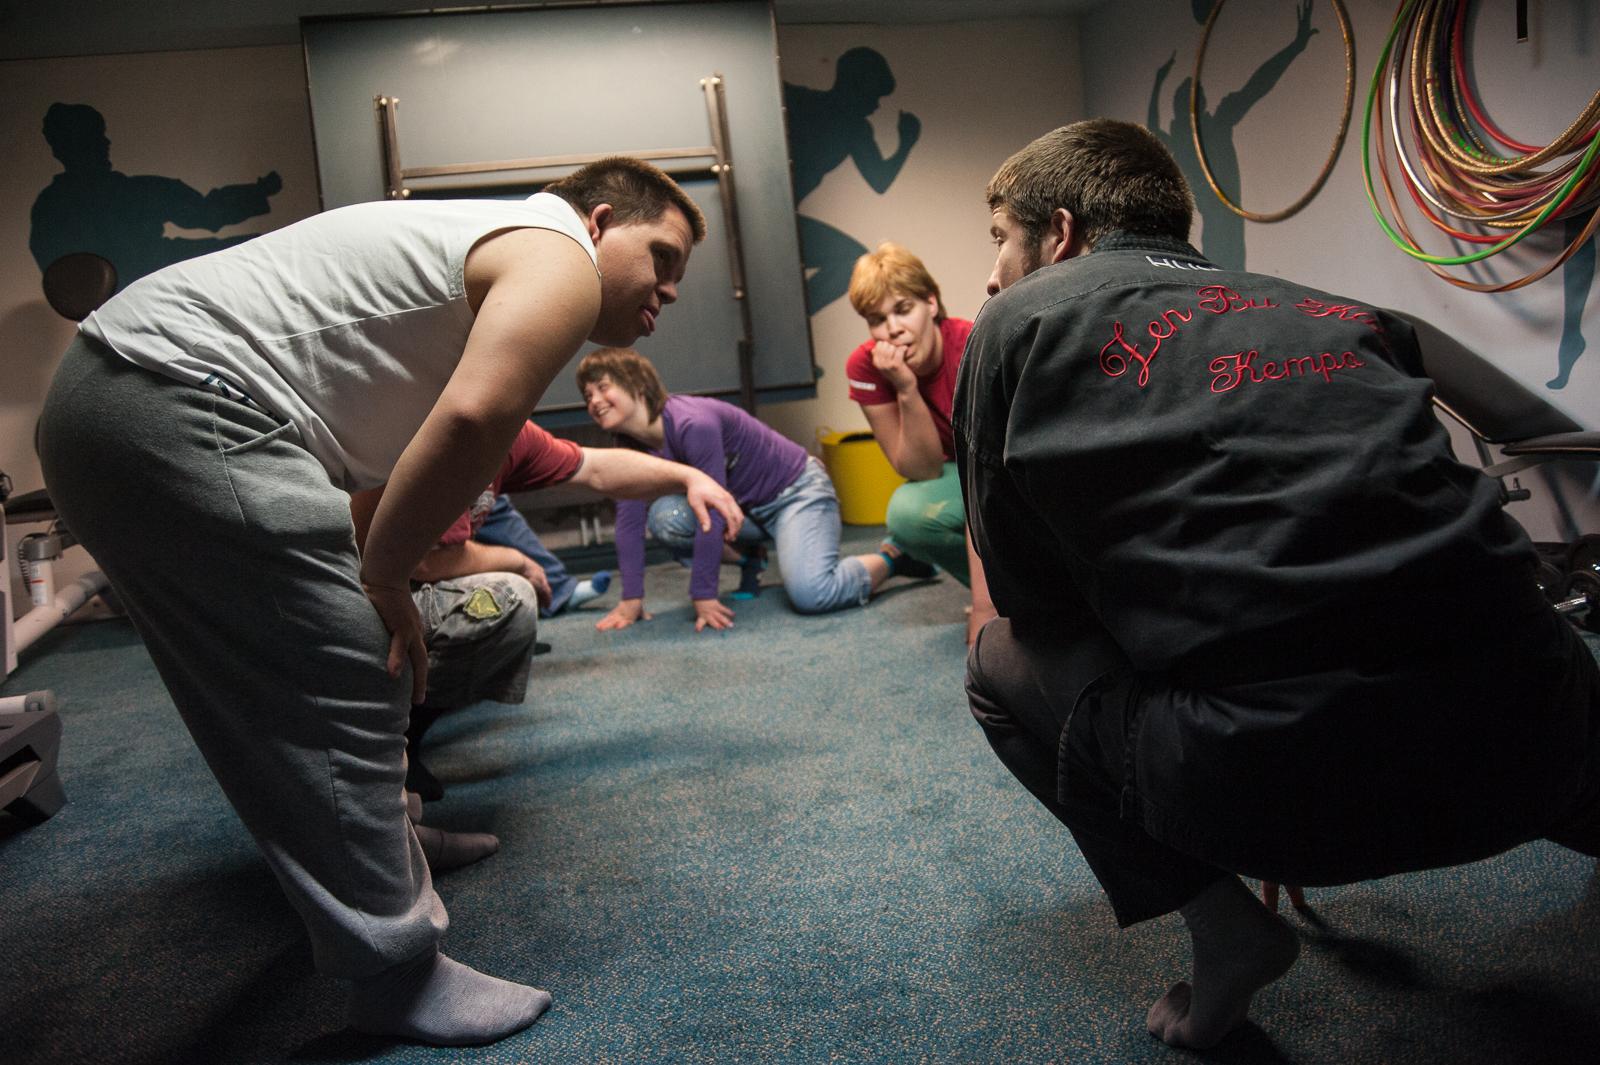 Önkéntesként tart kempo-edzést Down-szindrómásoknak egy magyar egyetemista